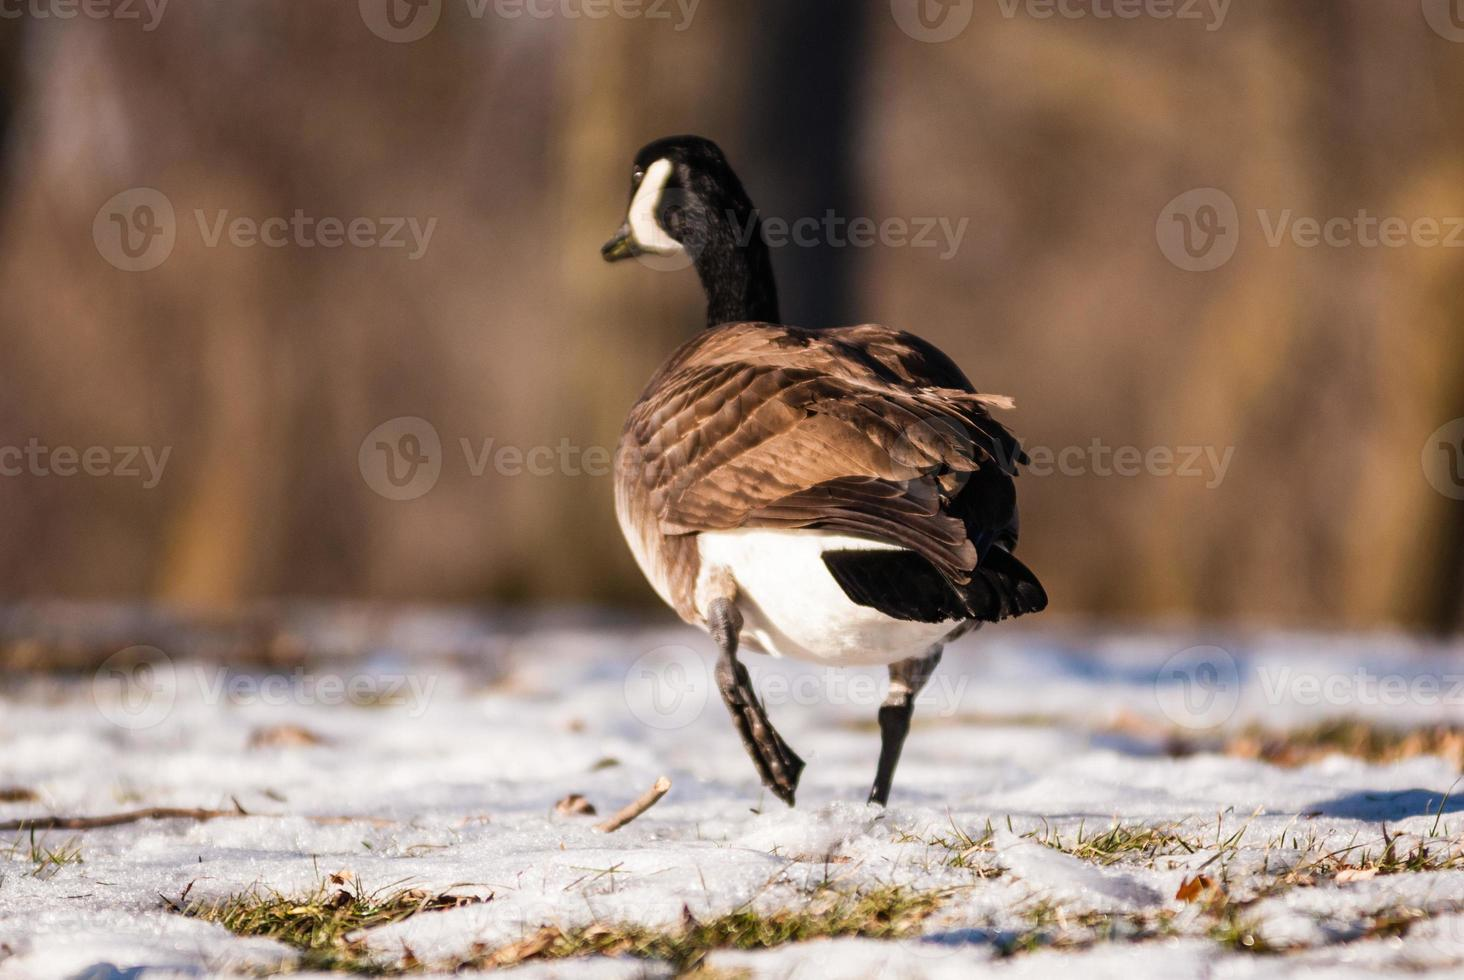 enkele Canadese gans weglopen op bevroren grond foto